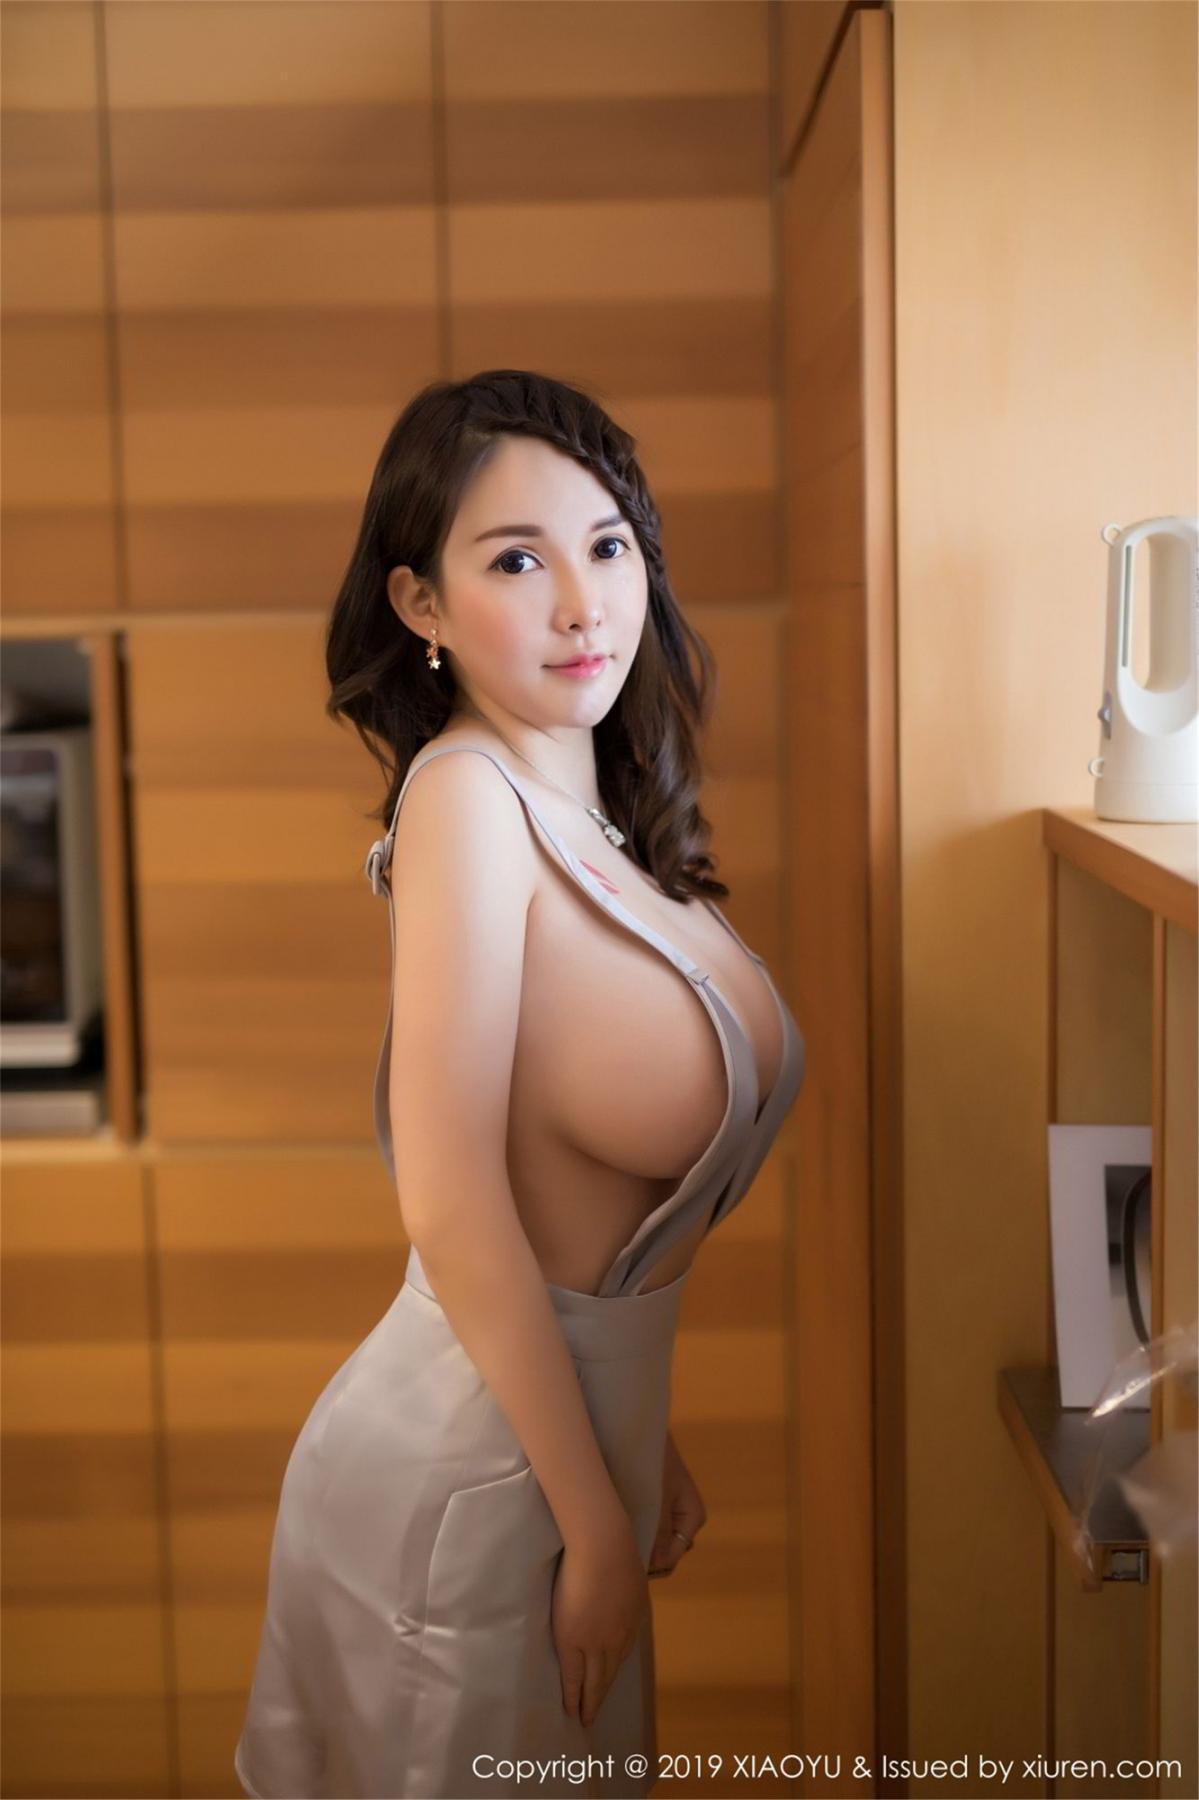 [XiaoYu] Vol.080 Shen Mi Tao 2P, Shen Mi Tao, XiaoYu